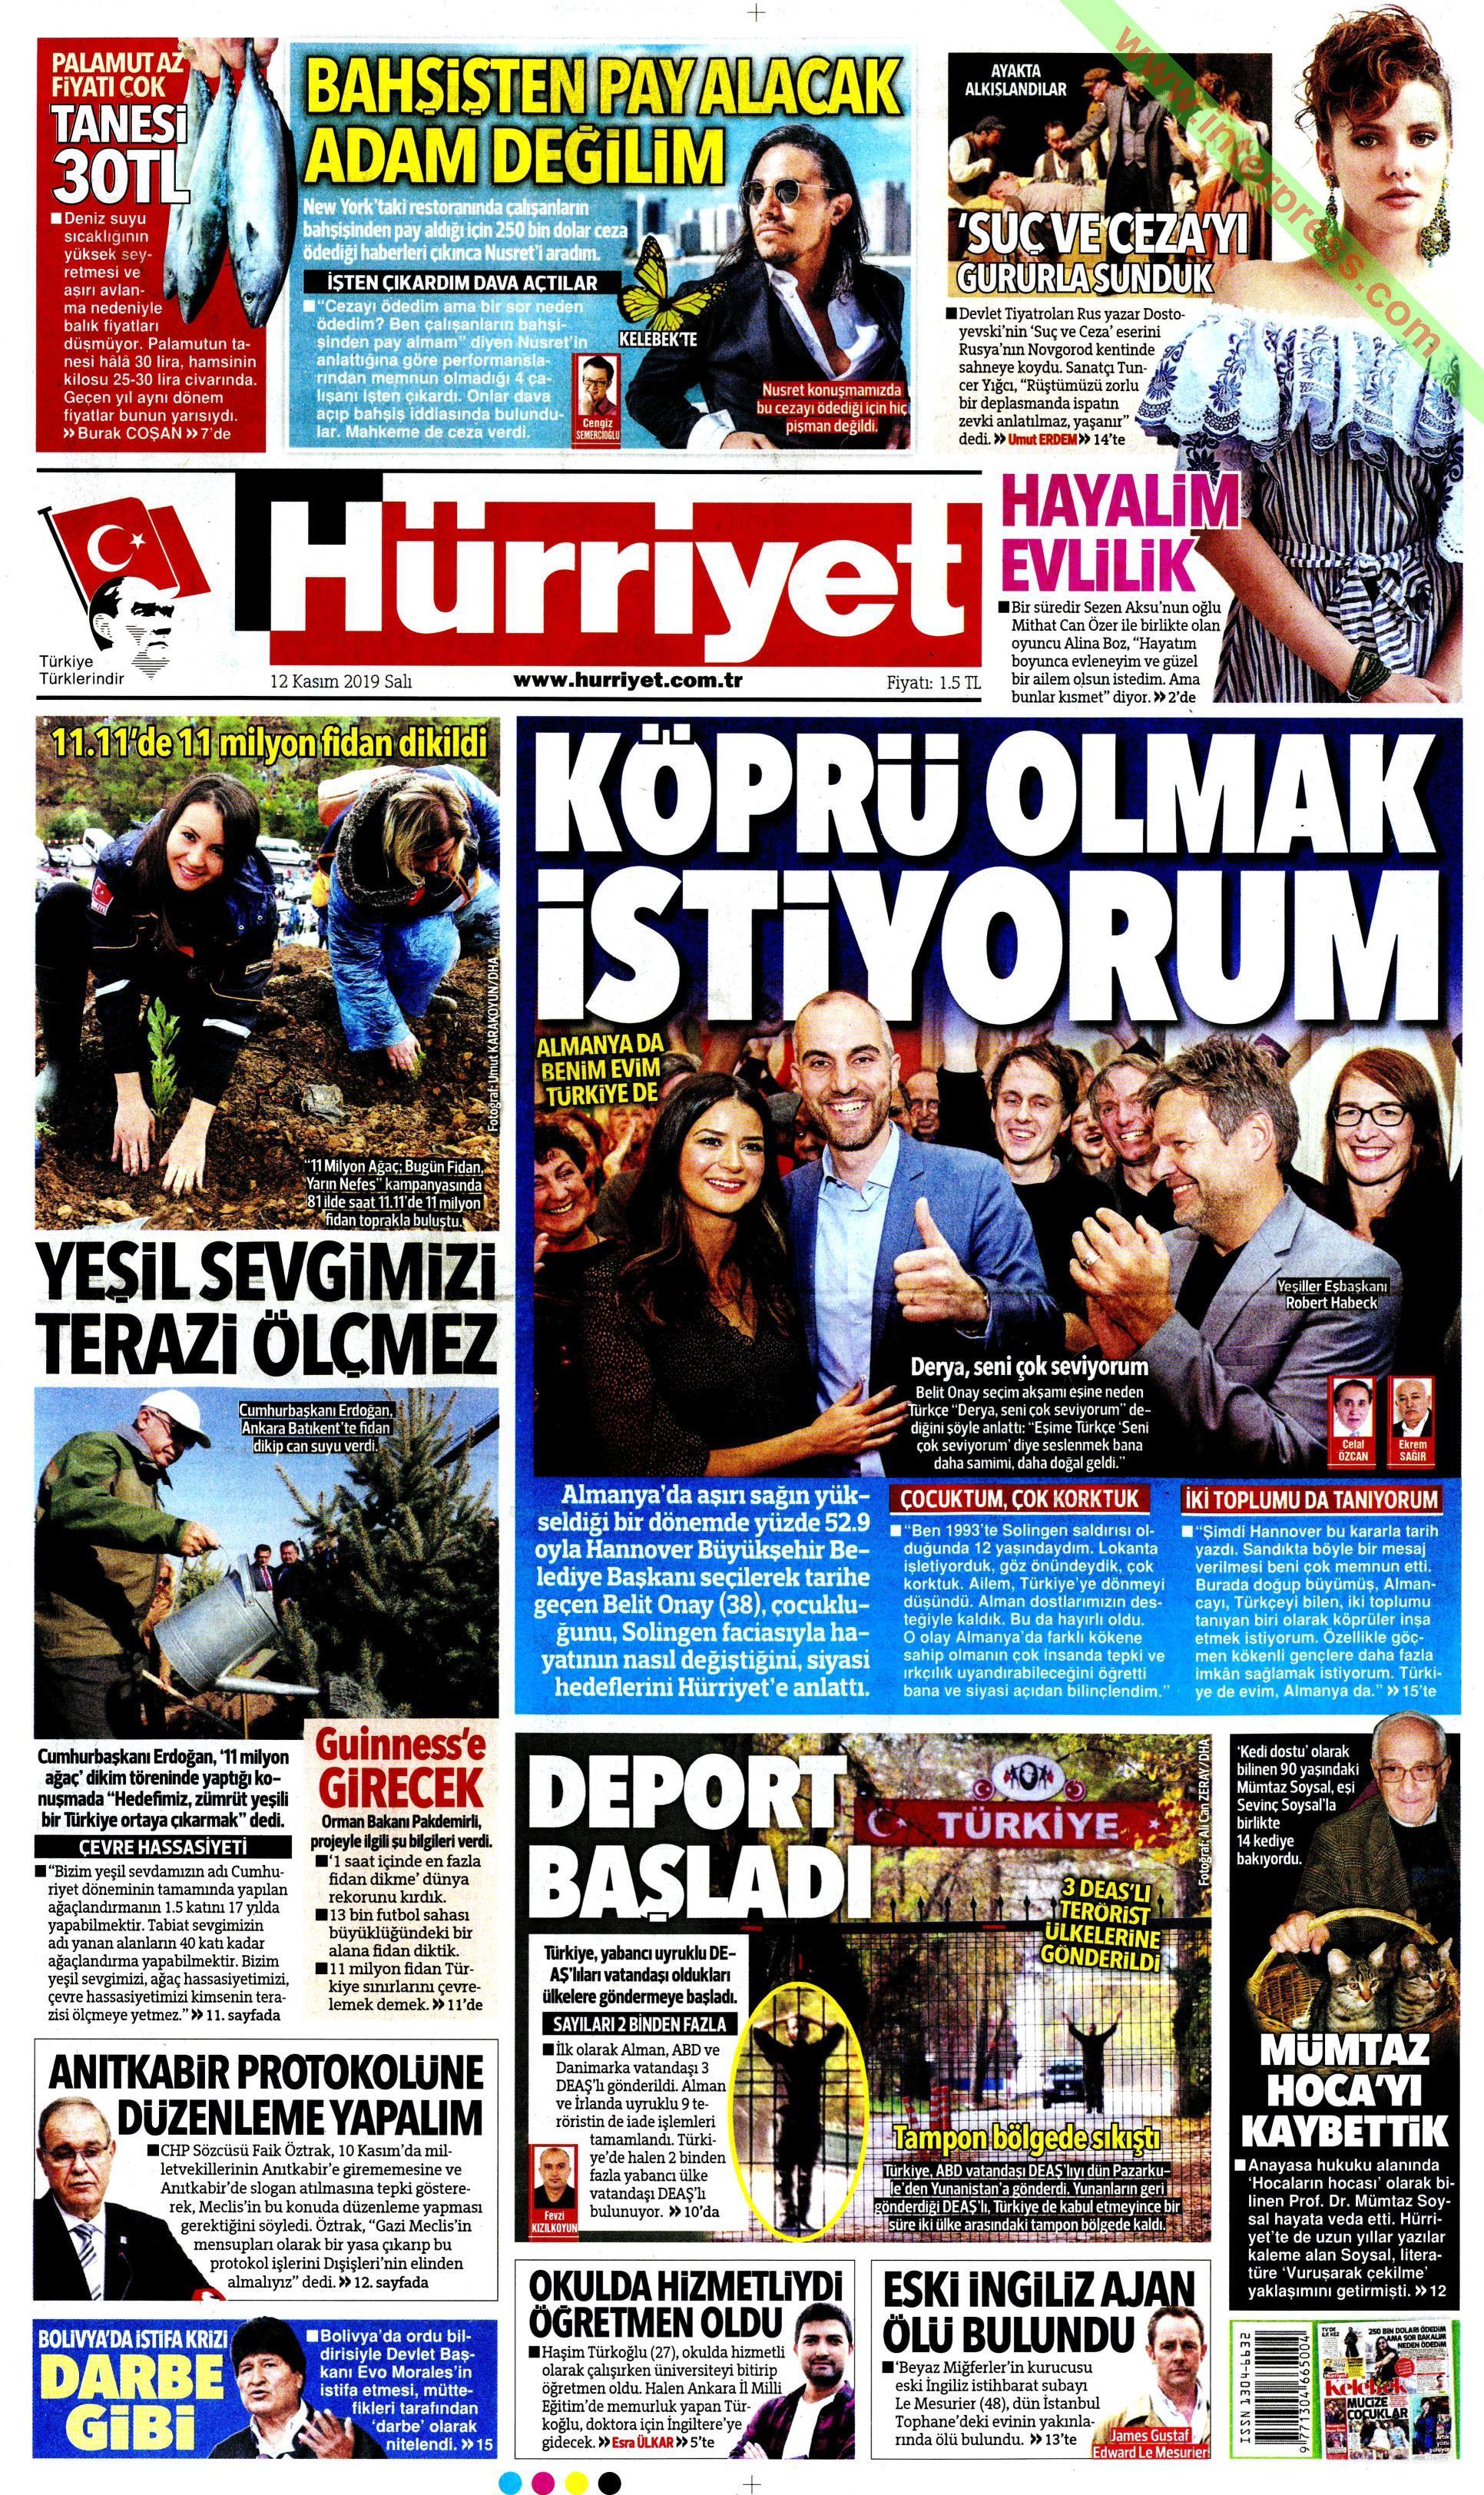 Hürriyet gazetesi manşet ilk sayfa oku